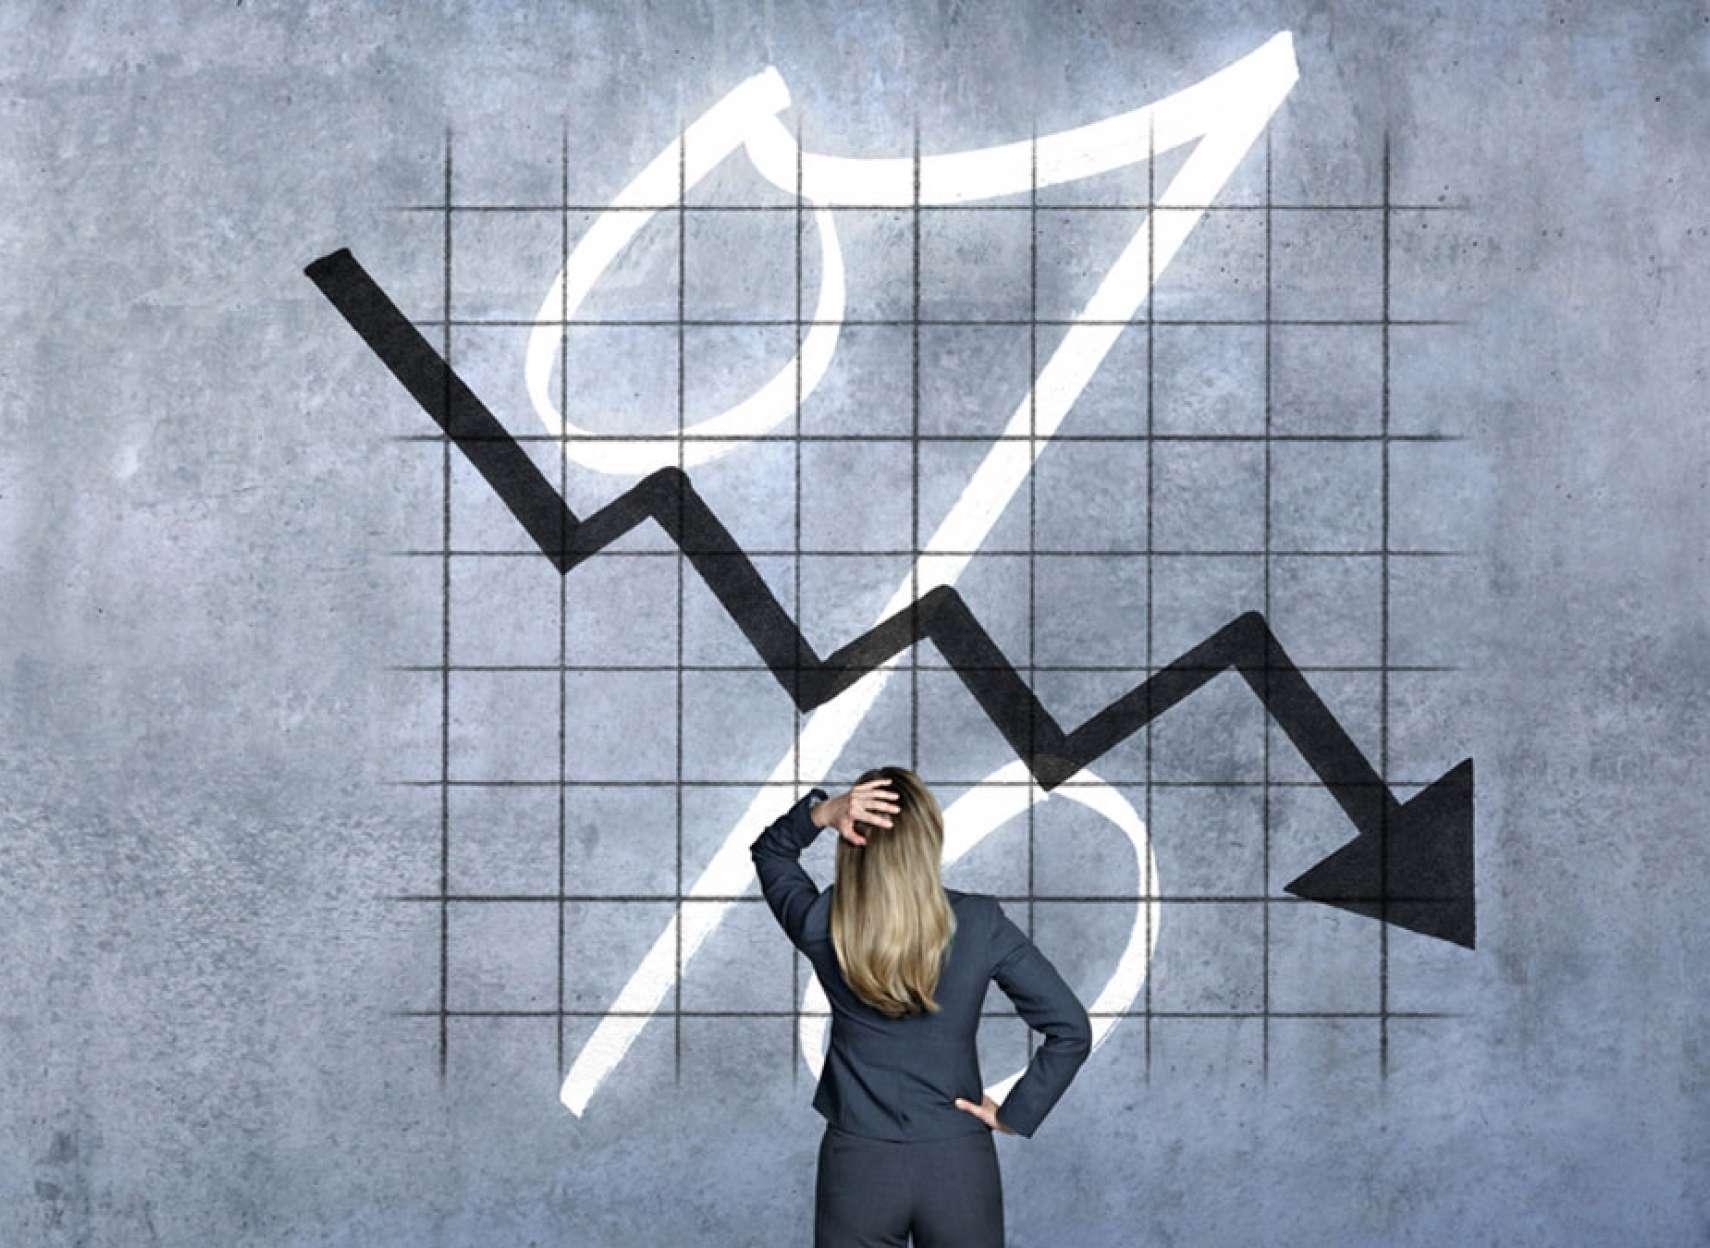 اخبار-اقتصادی-سقوط-وام-مسکن-به-زیر-1-درصد-بهره-در-کانادا